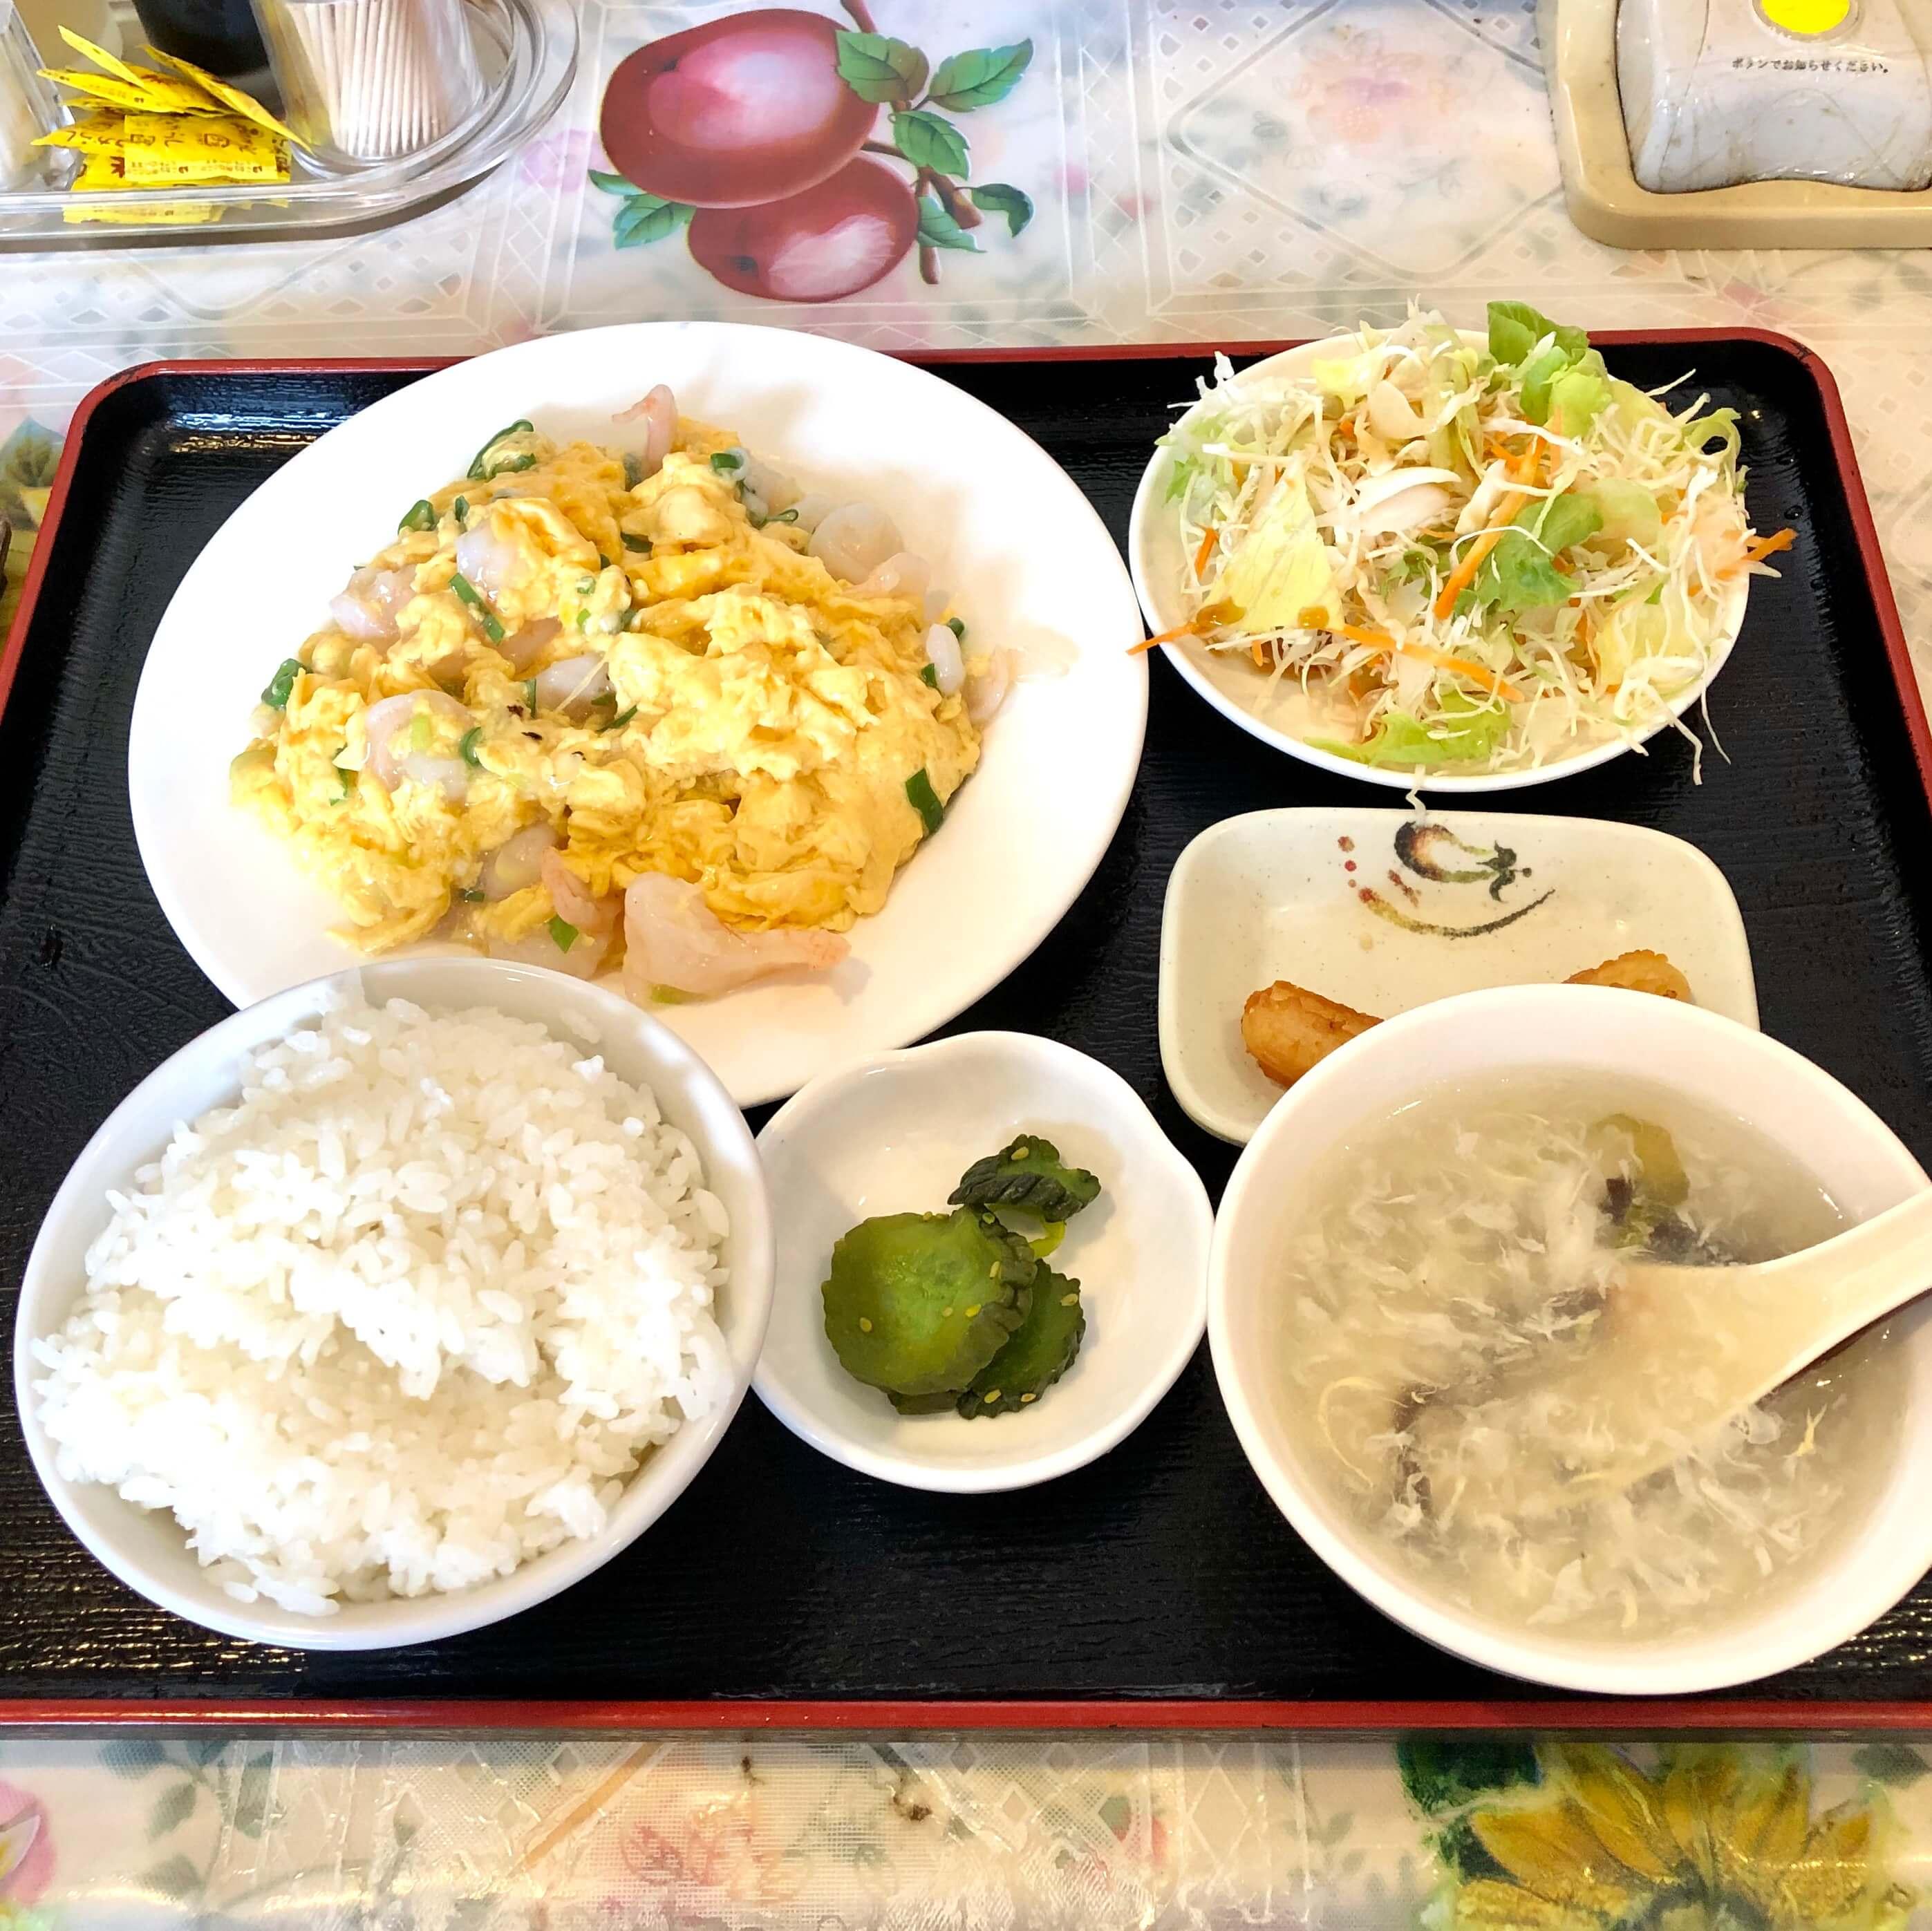 上尾・福味味(ふくみみ)の激安日替わりランチがコスパ最高!土日もやっててリピート必須